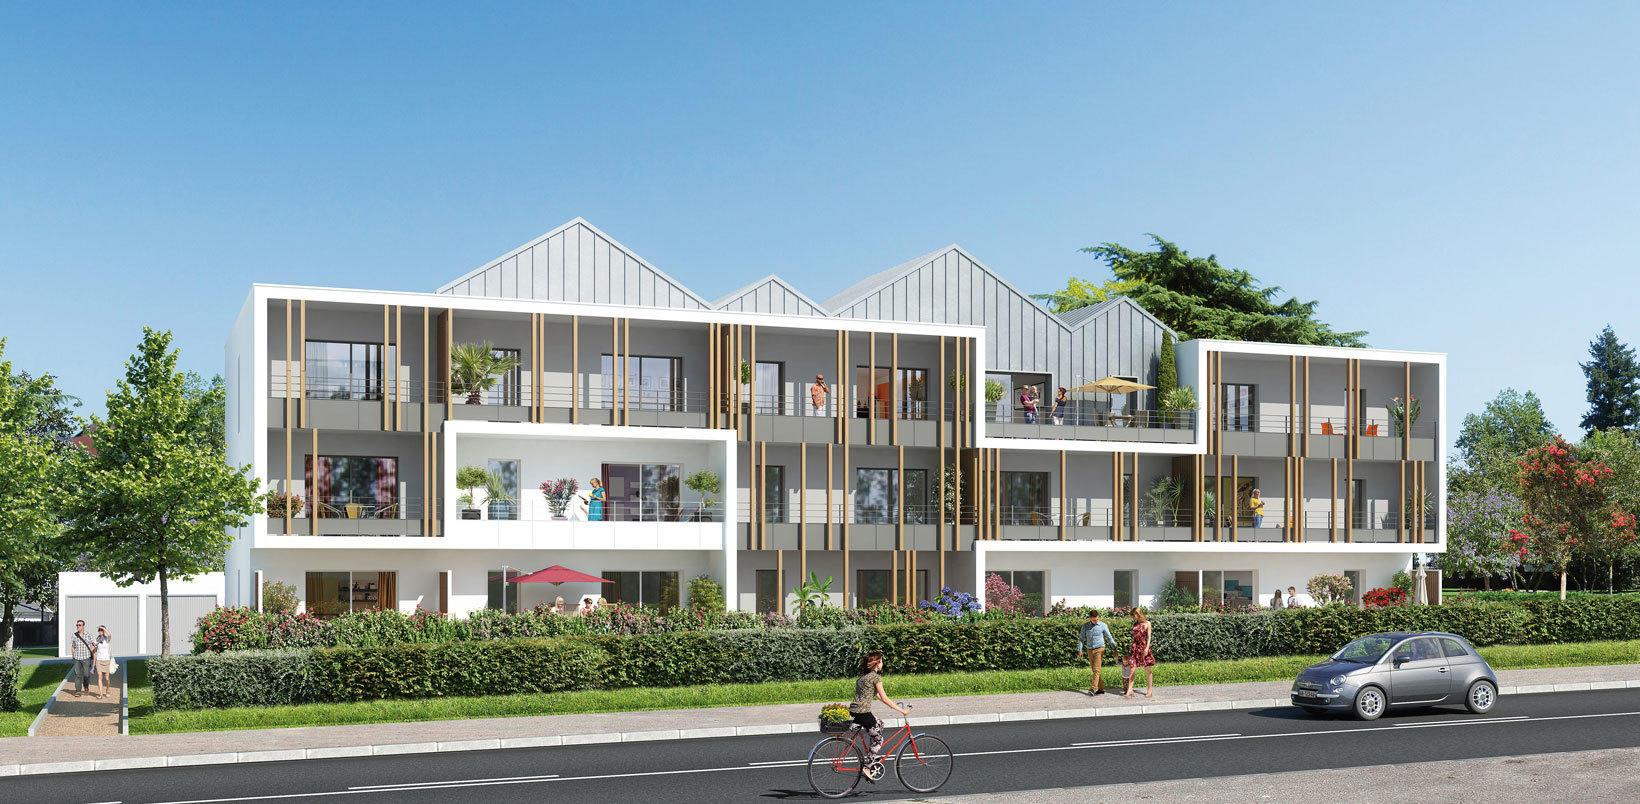 Programme immobilier Montpellier : un appartement qui nous ressemble